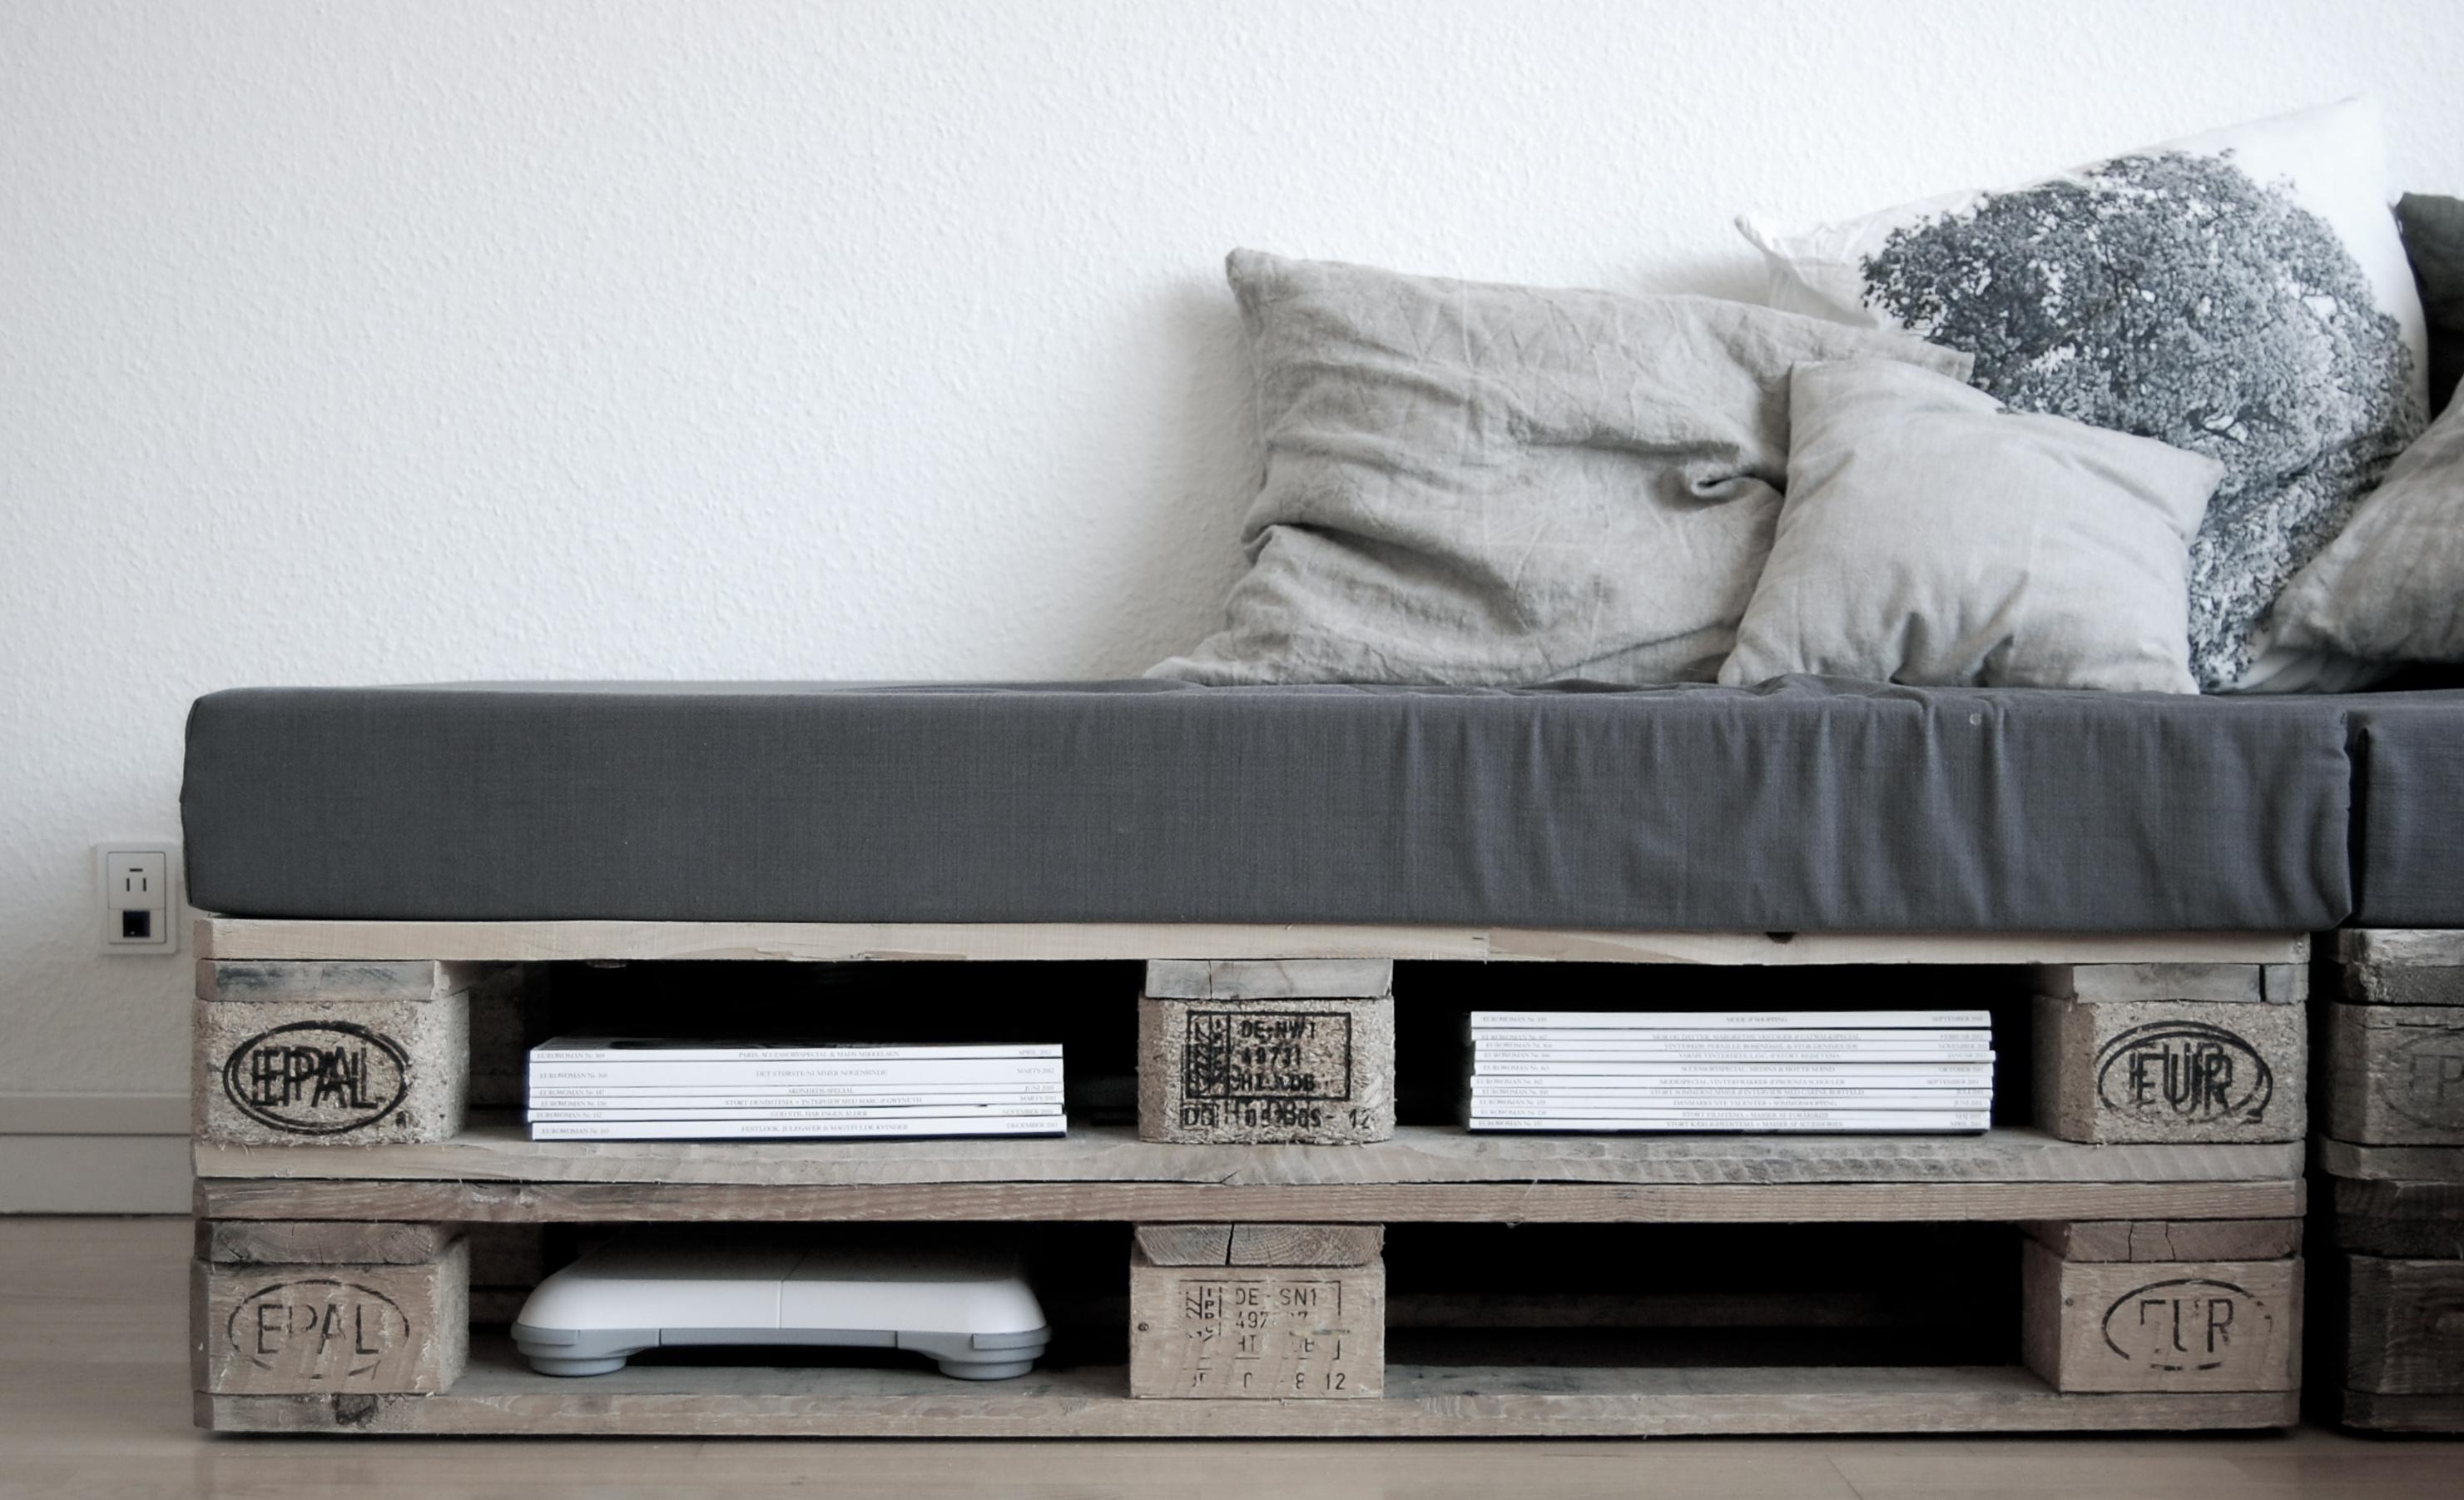 Bricolaje con palés: cómo hacer muebles de madera en casa